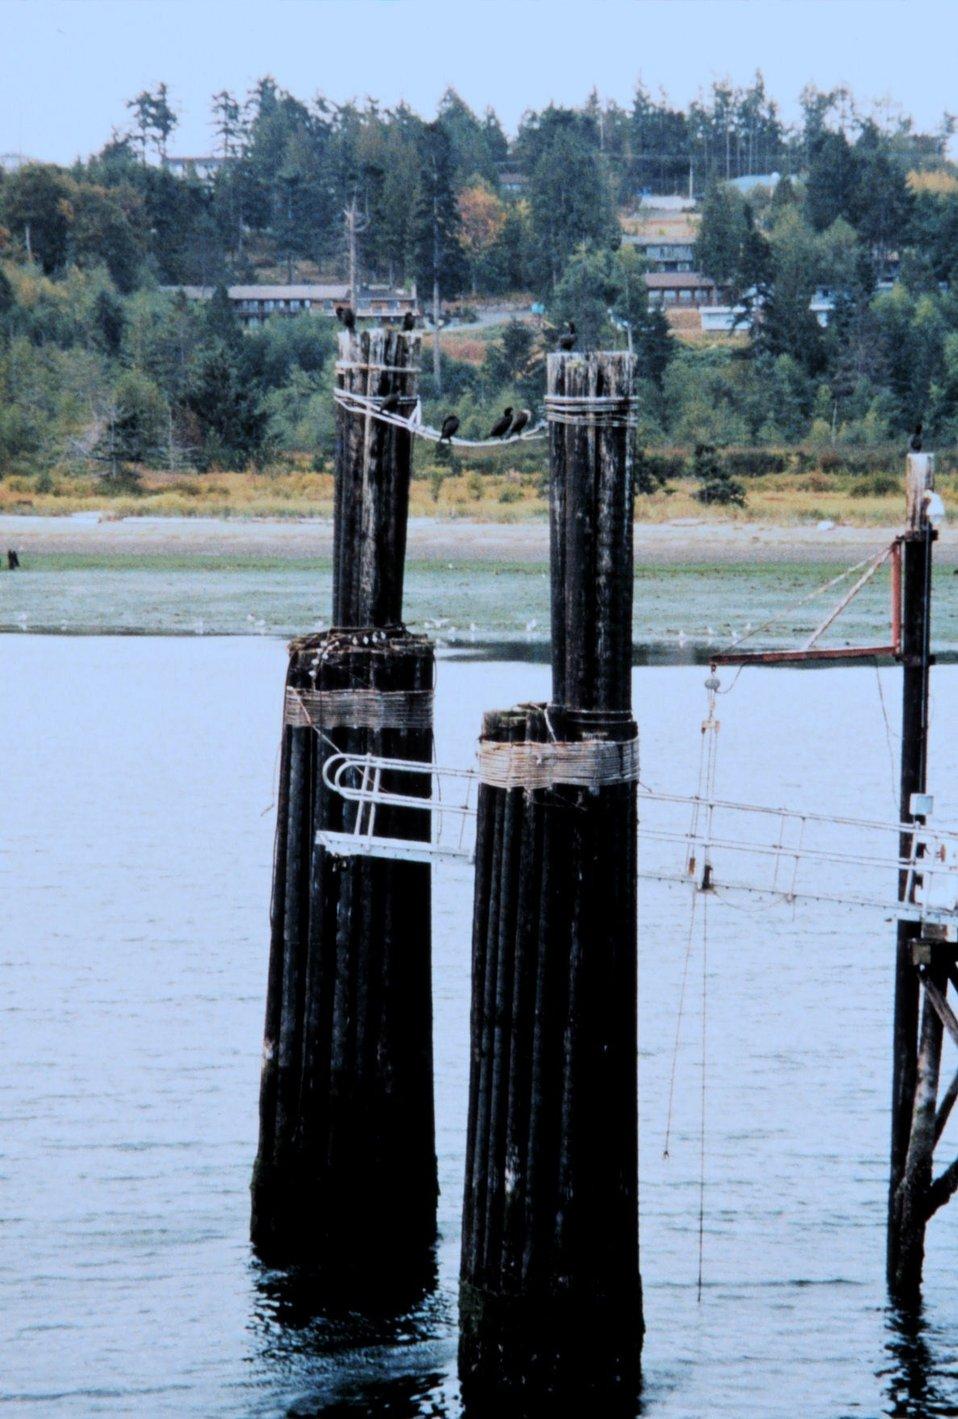 A Puget Sound ferry landing